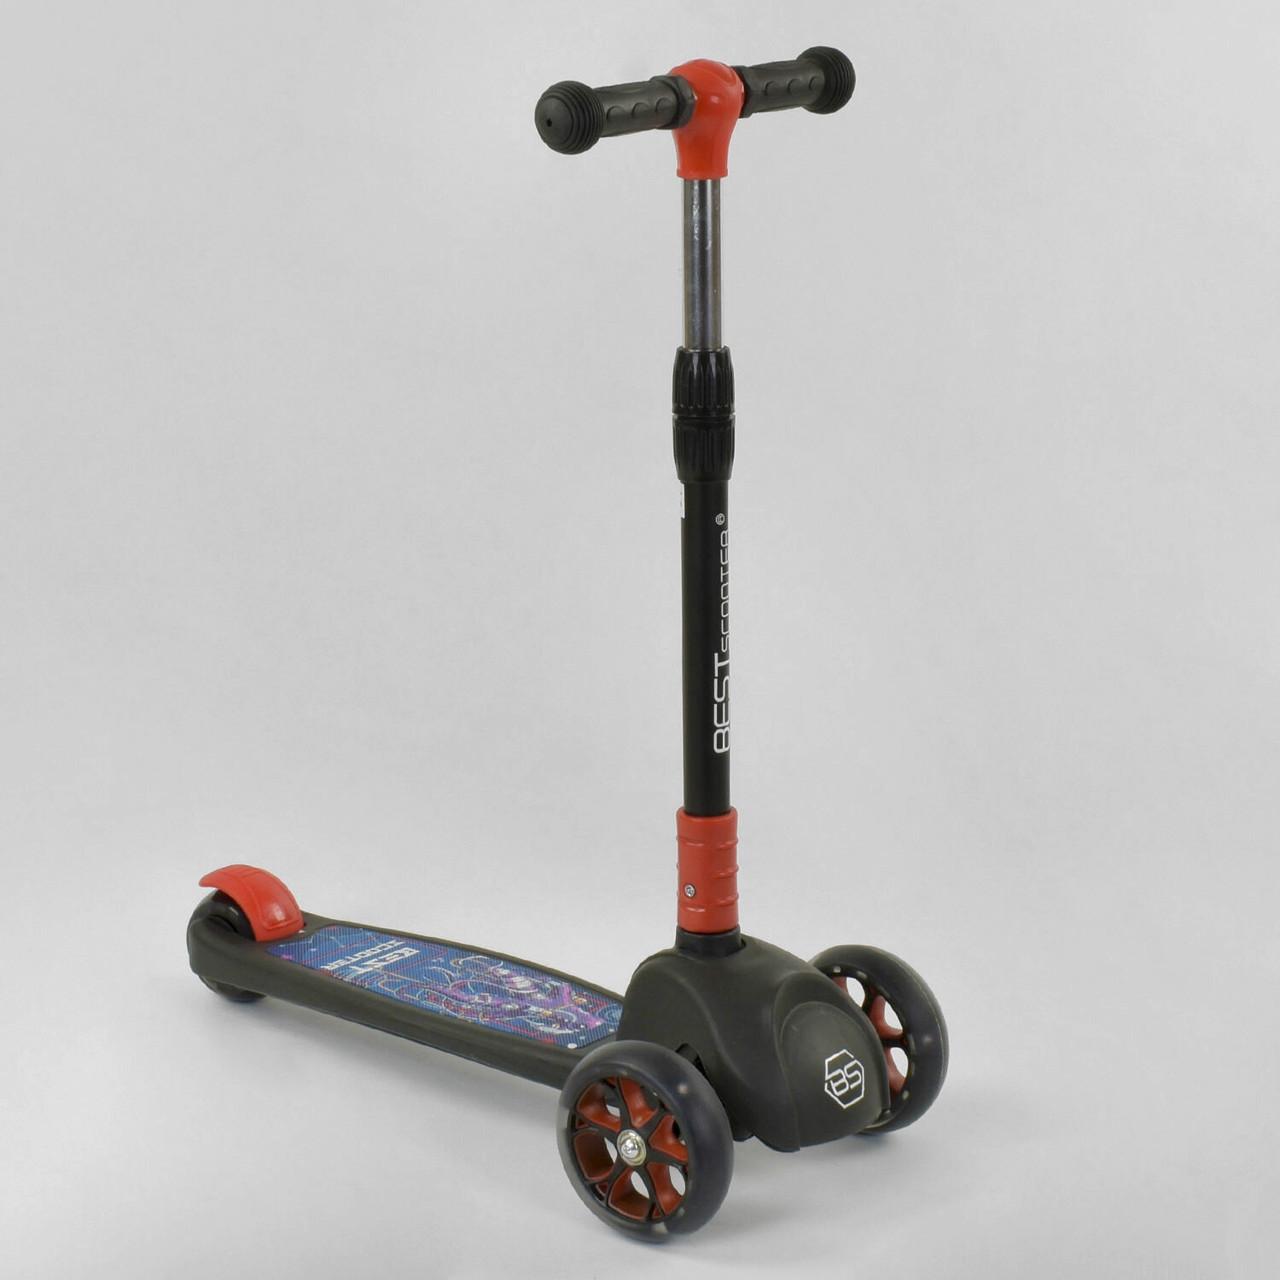 Детский трехколесный самокат Best Scooter 20157 Черный